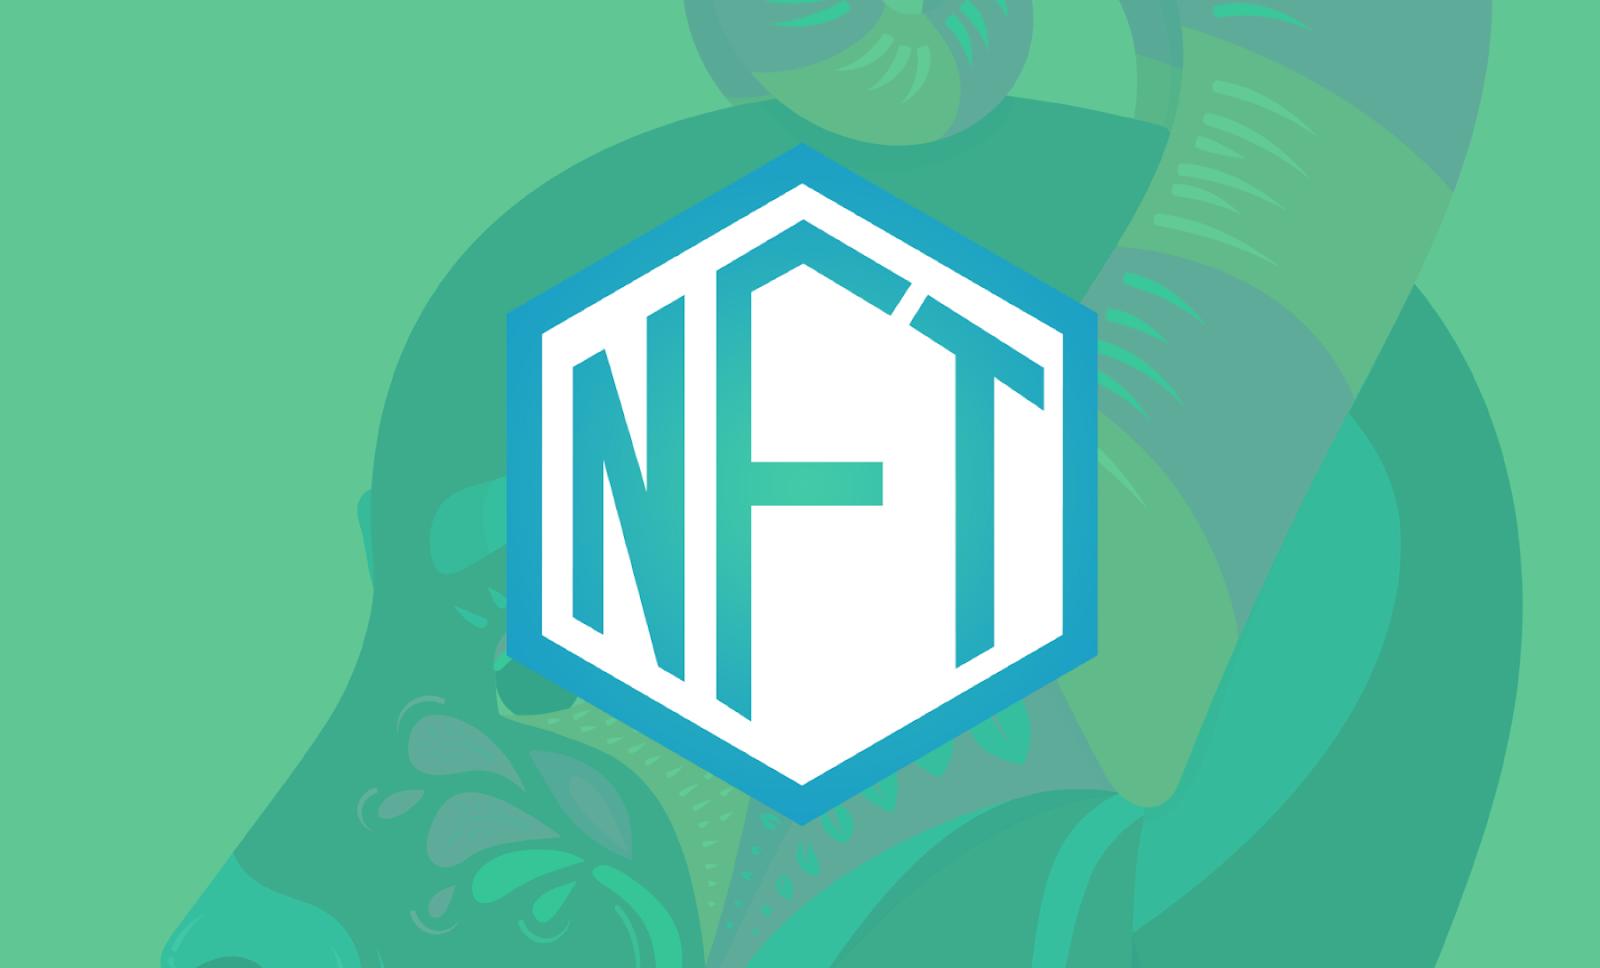 了解 NFT 全貌,看这篇就够了!